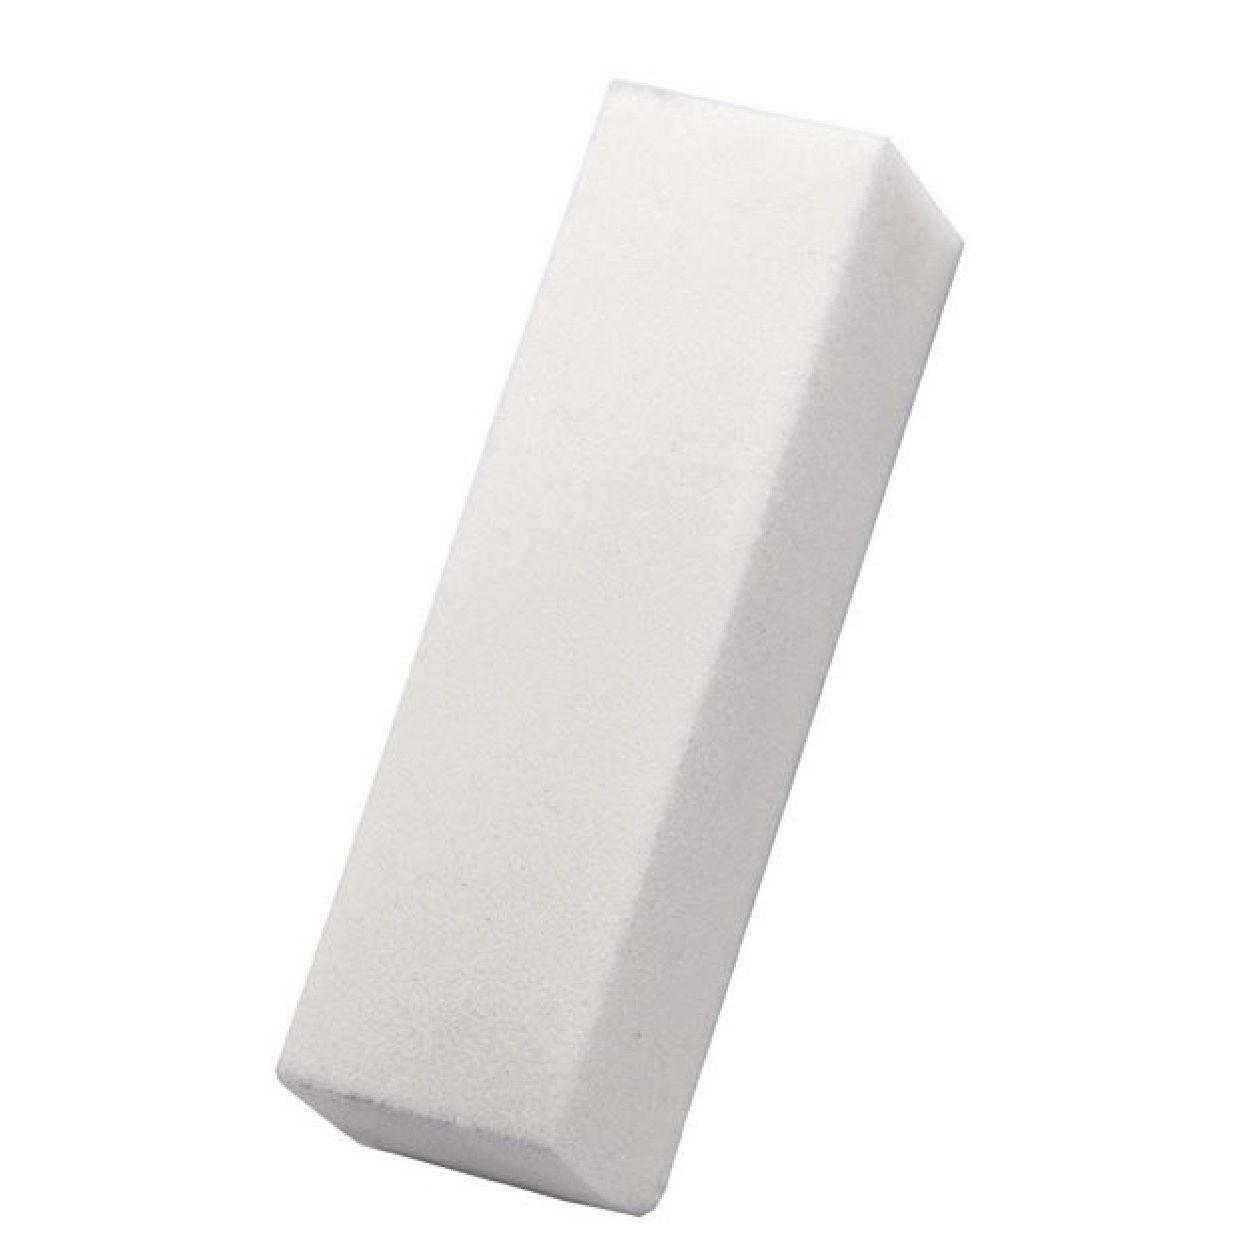 Kit manicure alongamento em gel básico c/ molde adesivo